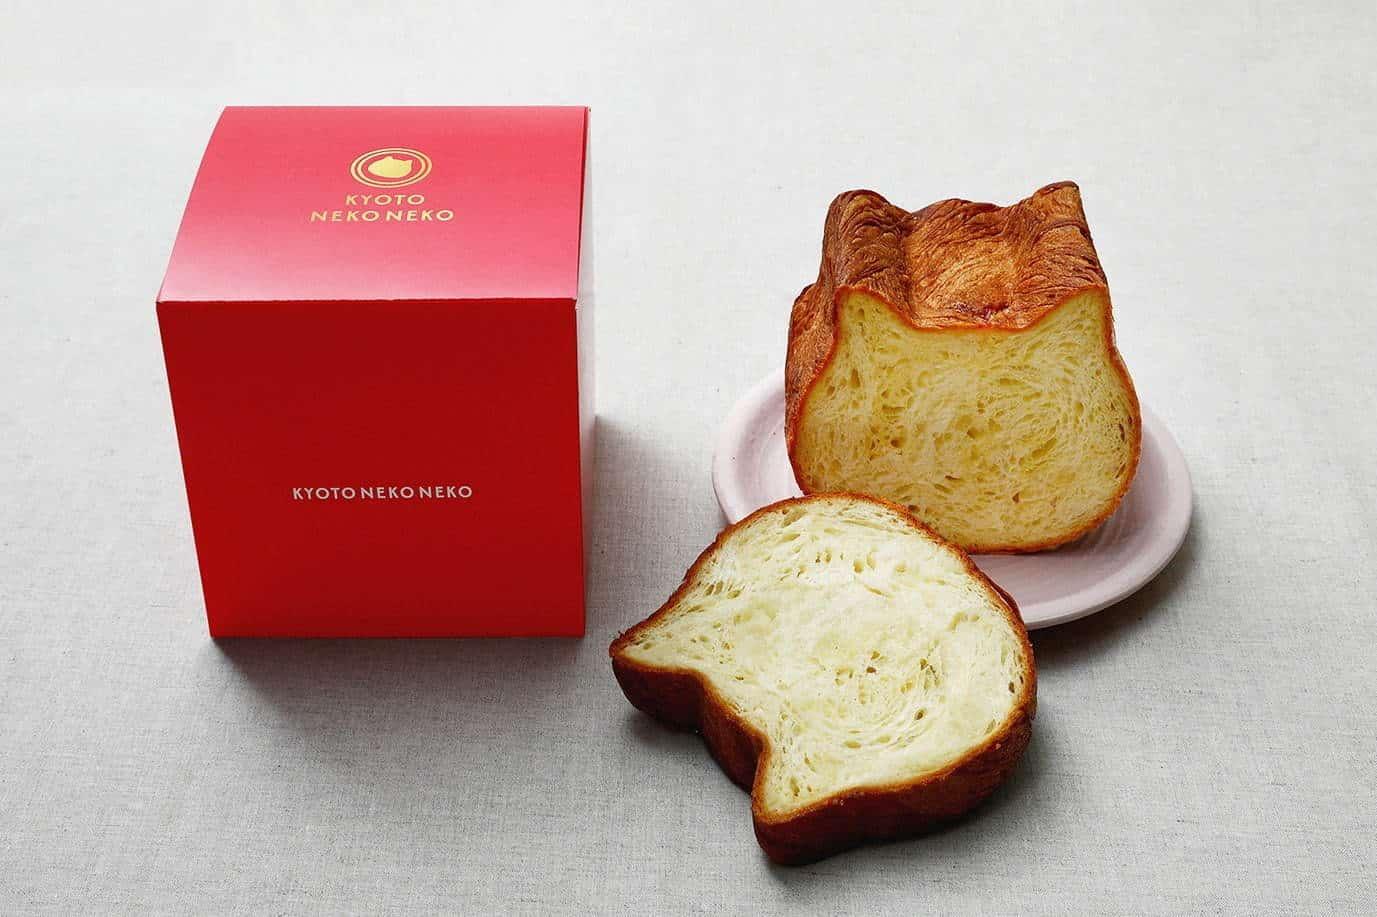 Kyoto Neko Neko Danish Bread